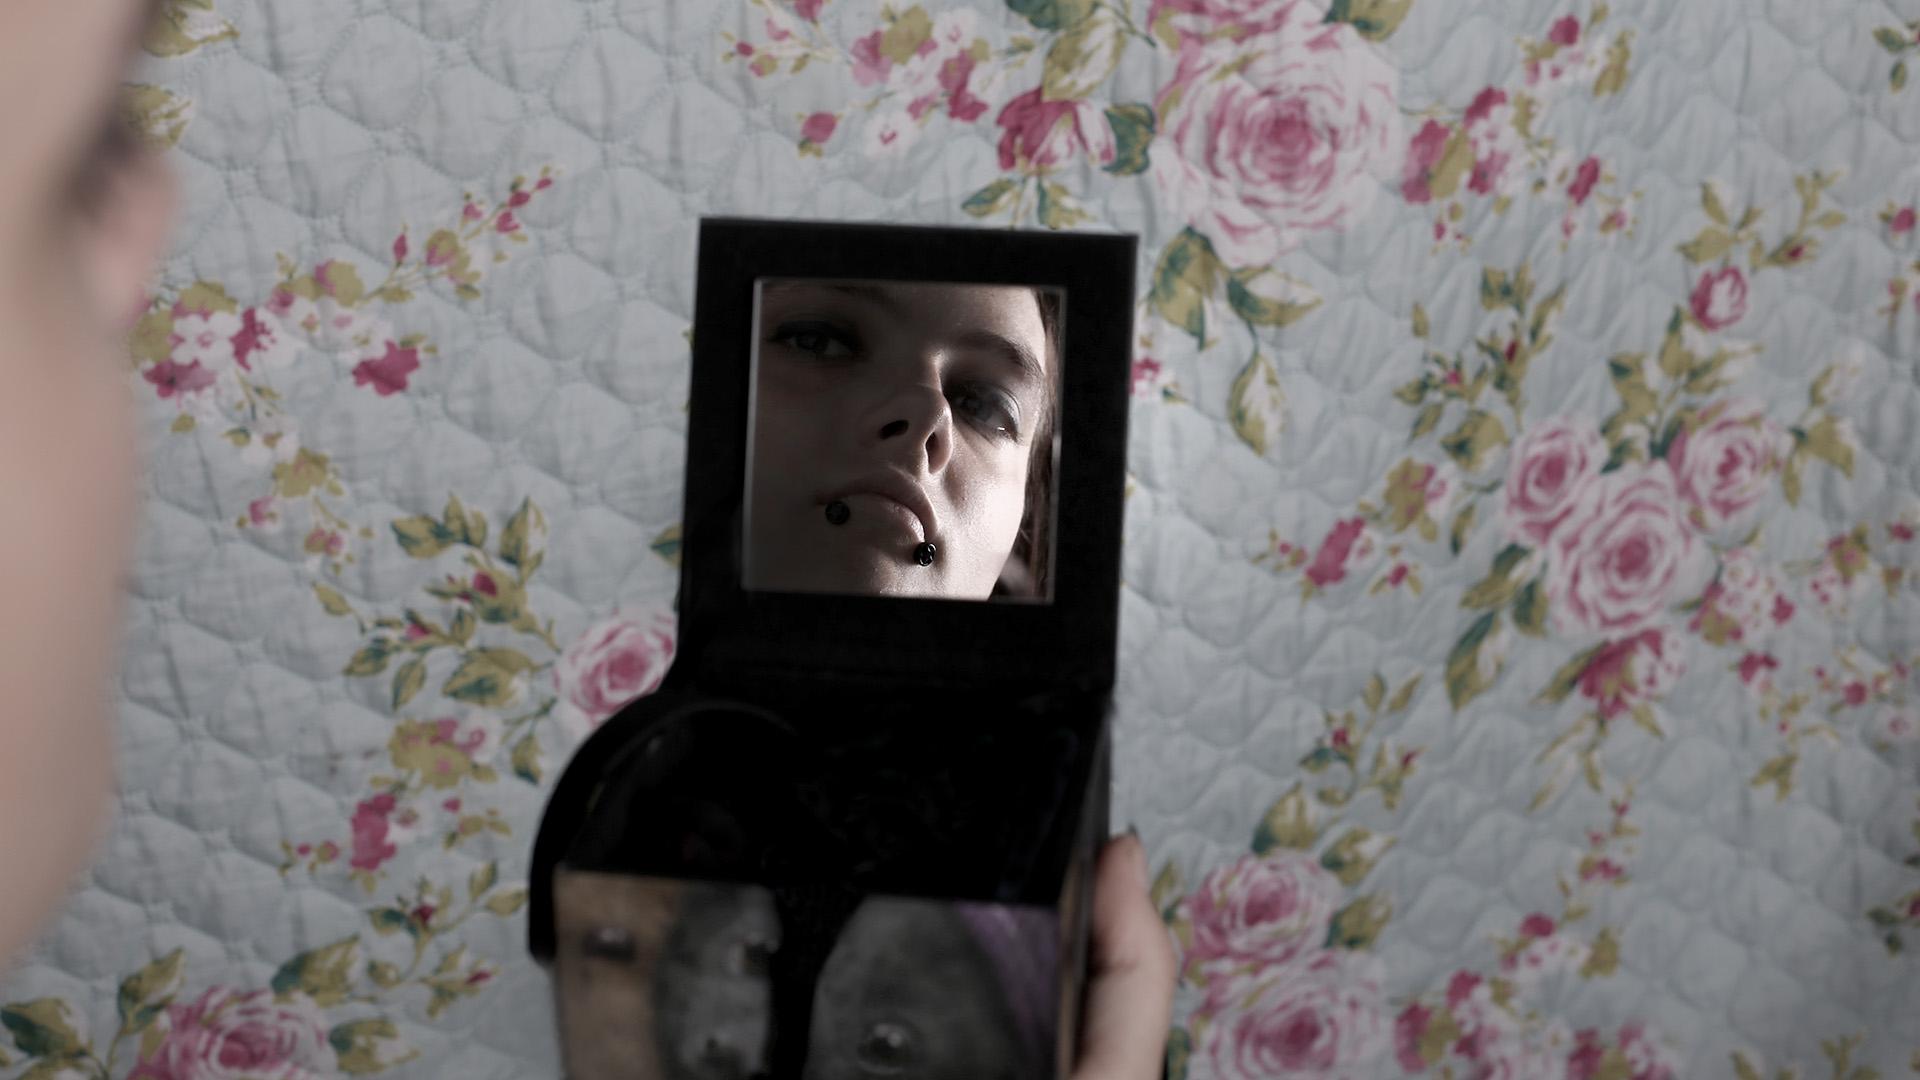 diana-marin-photography-mirror-reflection